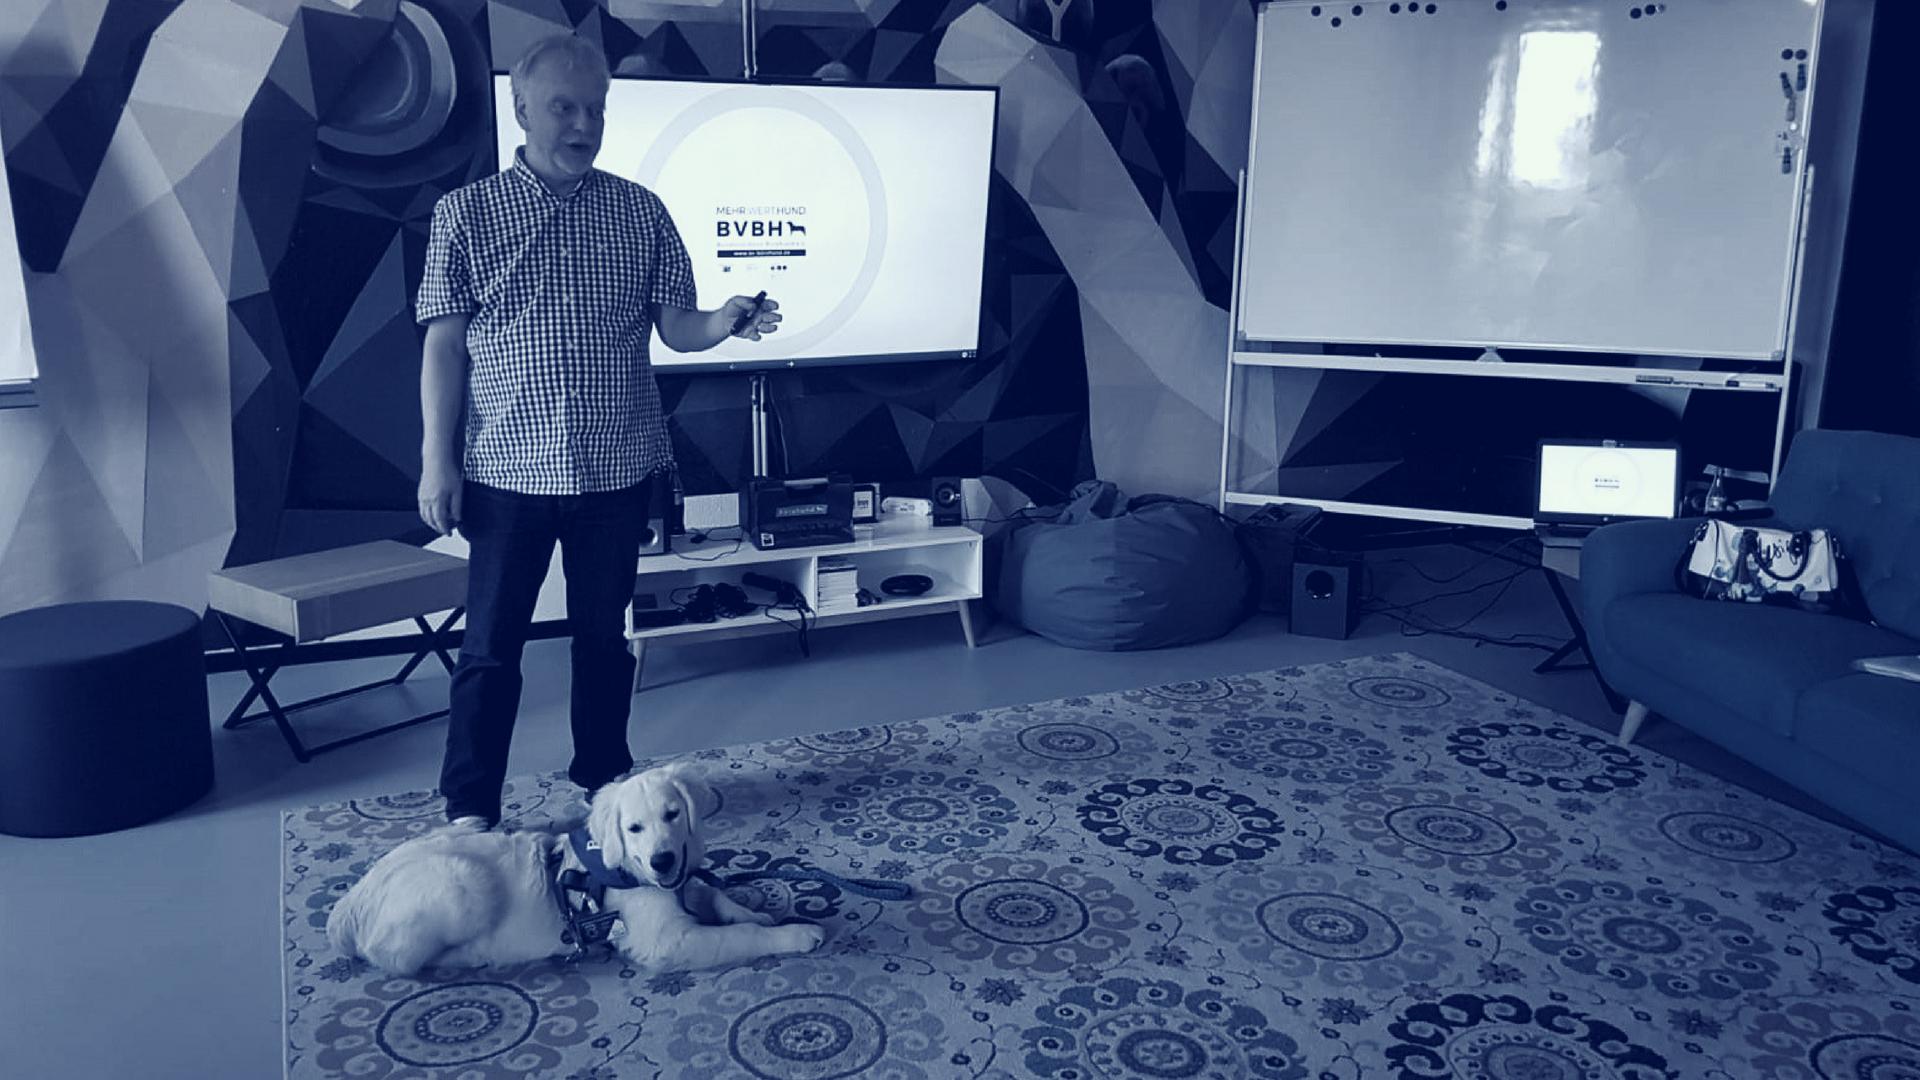 BVBH Seminar Hundehalter Bürohund